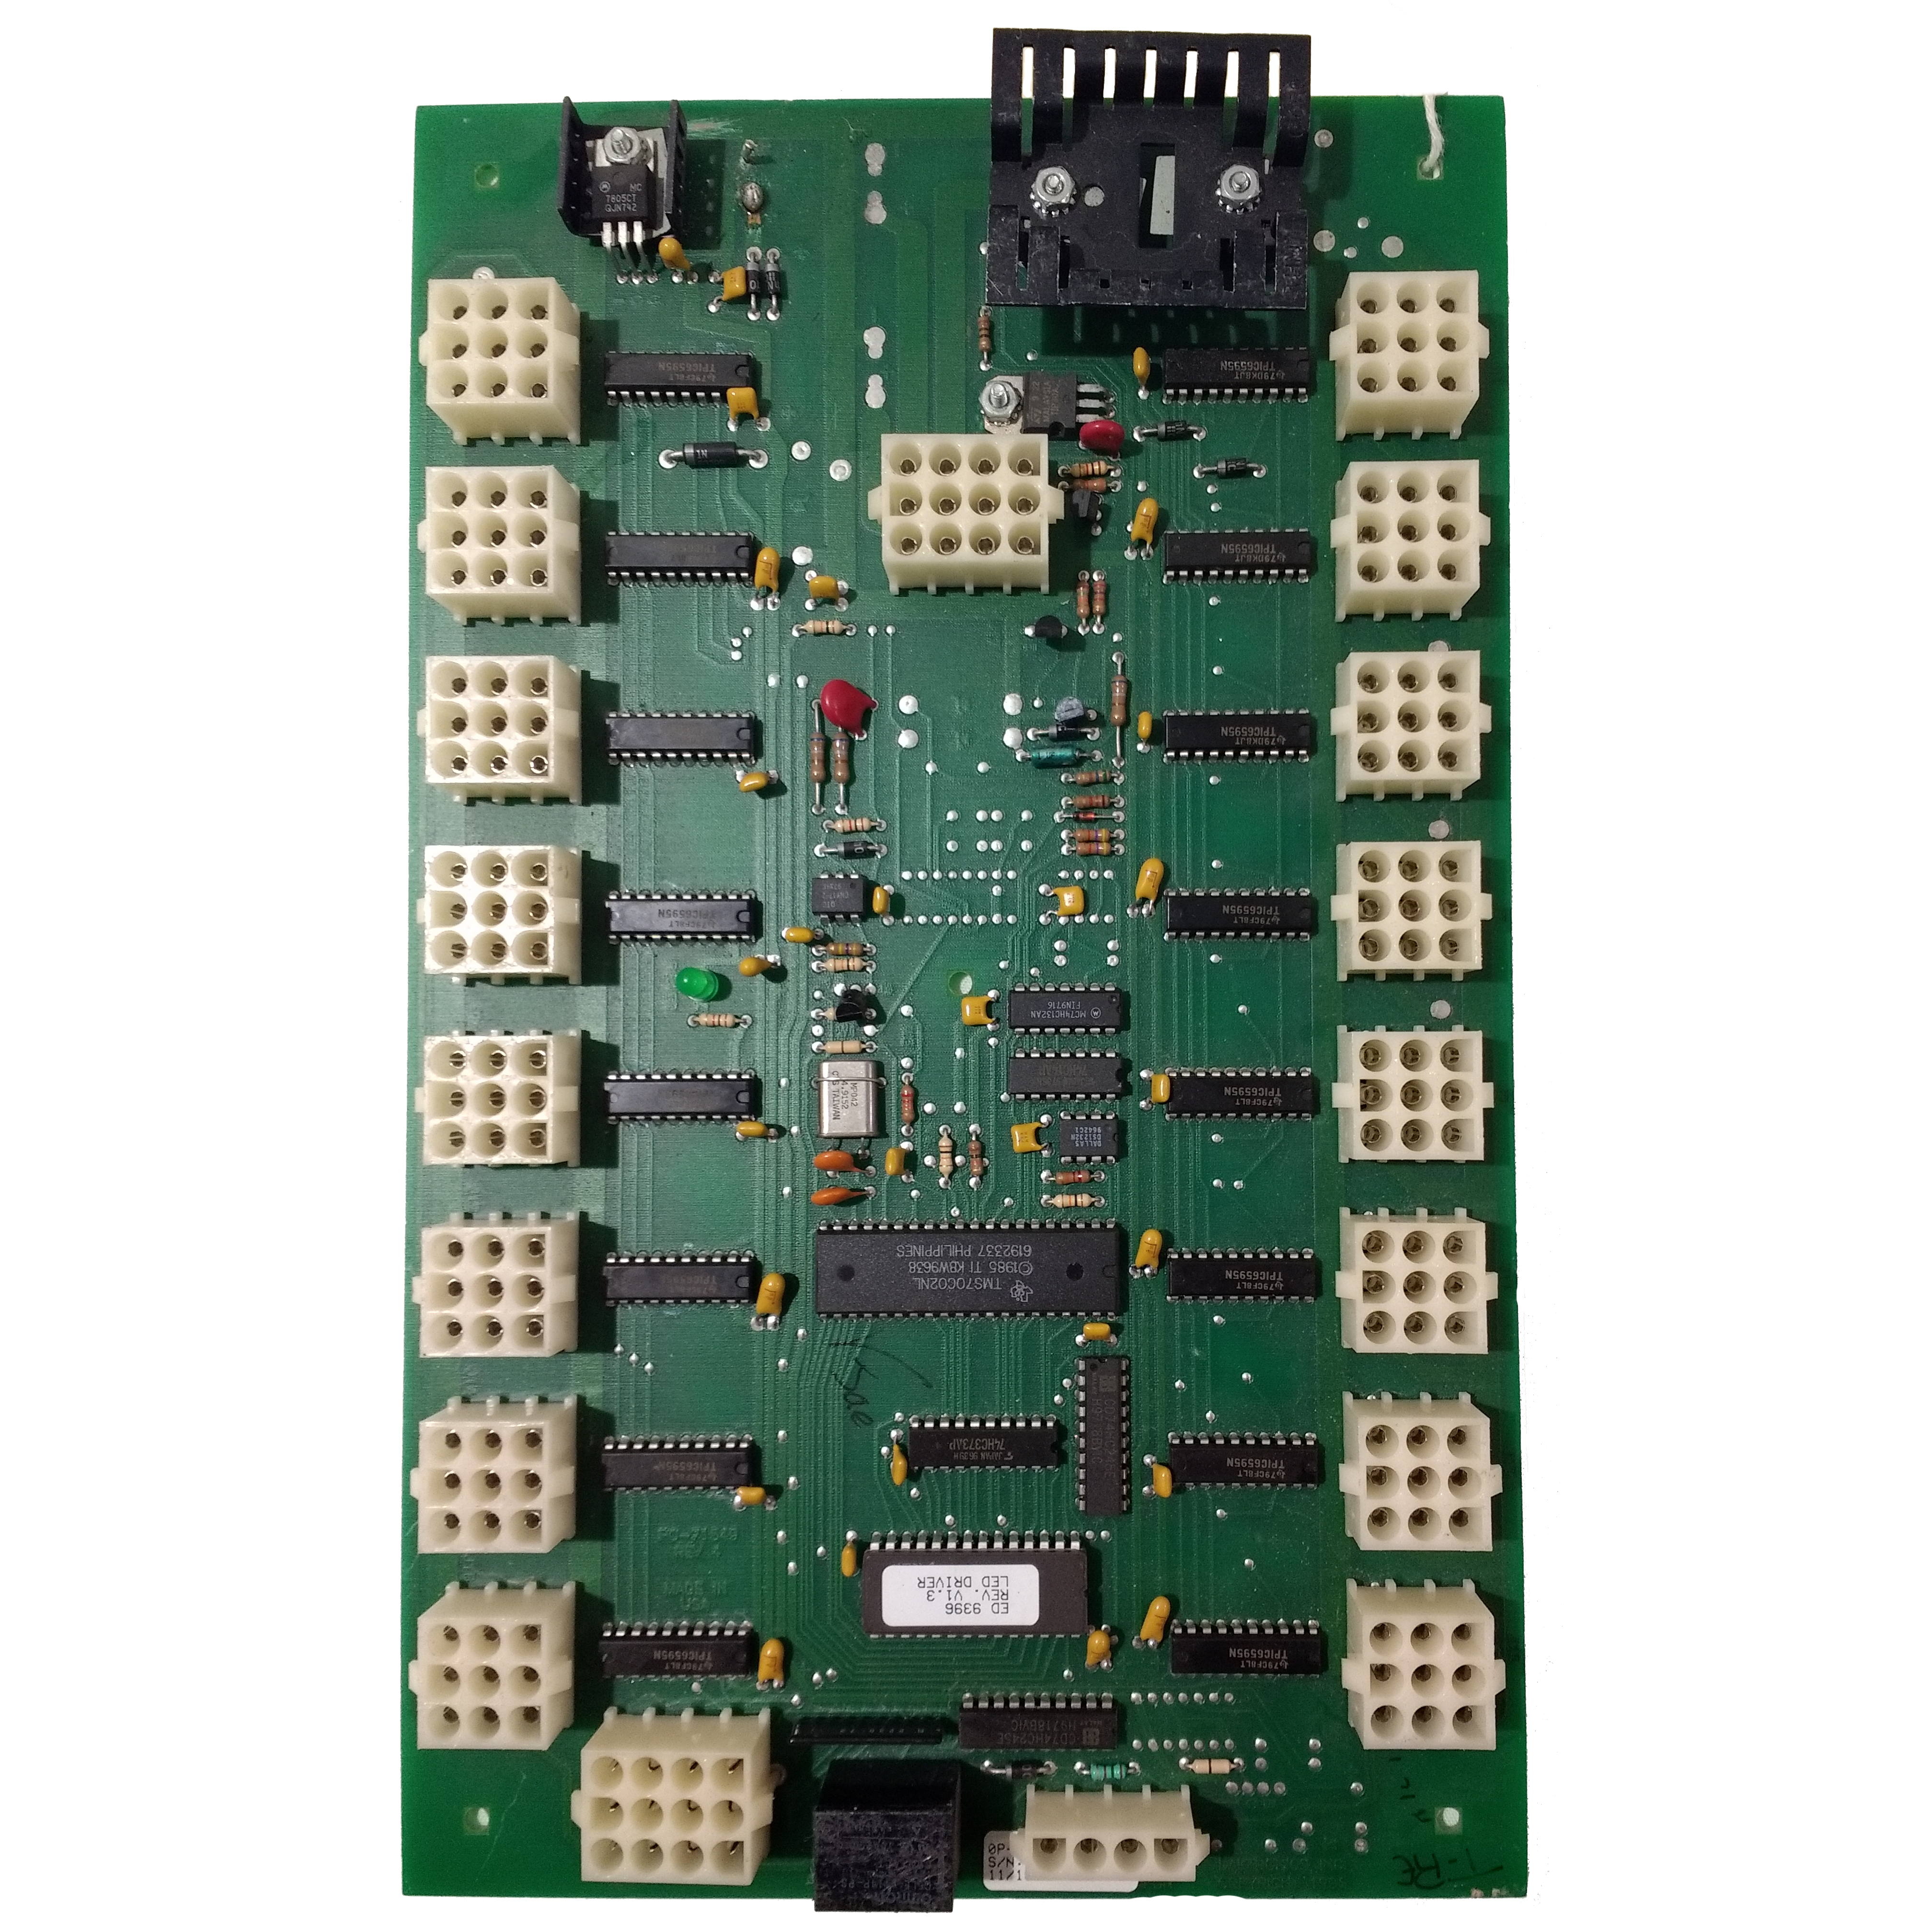 Daktronics-0P-1150-0017-LED-Driver